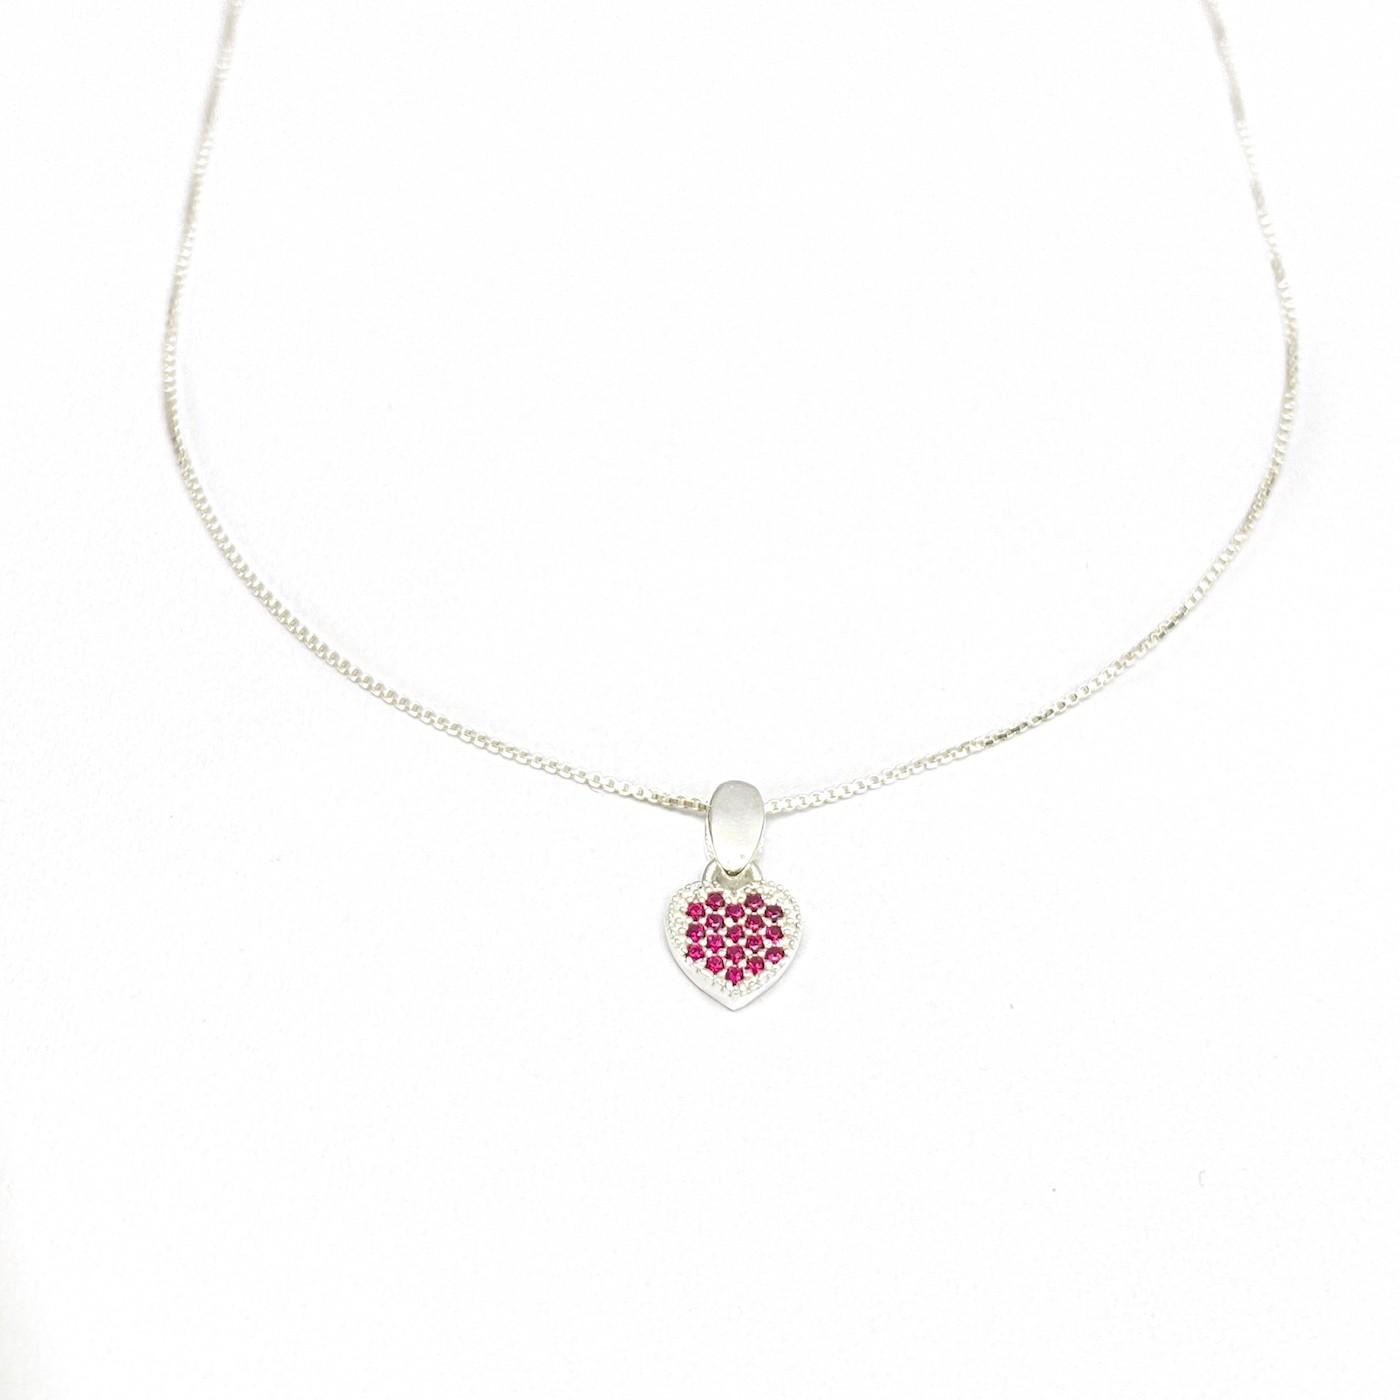 Conjunto Coração Pedras de Zircônia Rosa + Veneziana 40cm (Prata 925 Italiana)